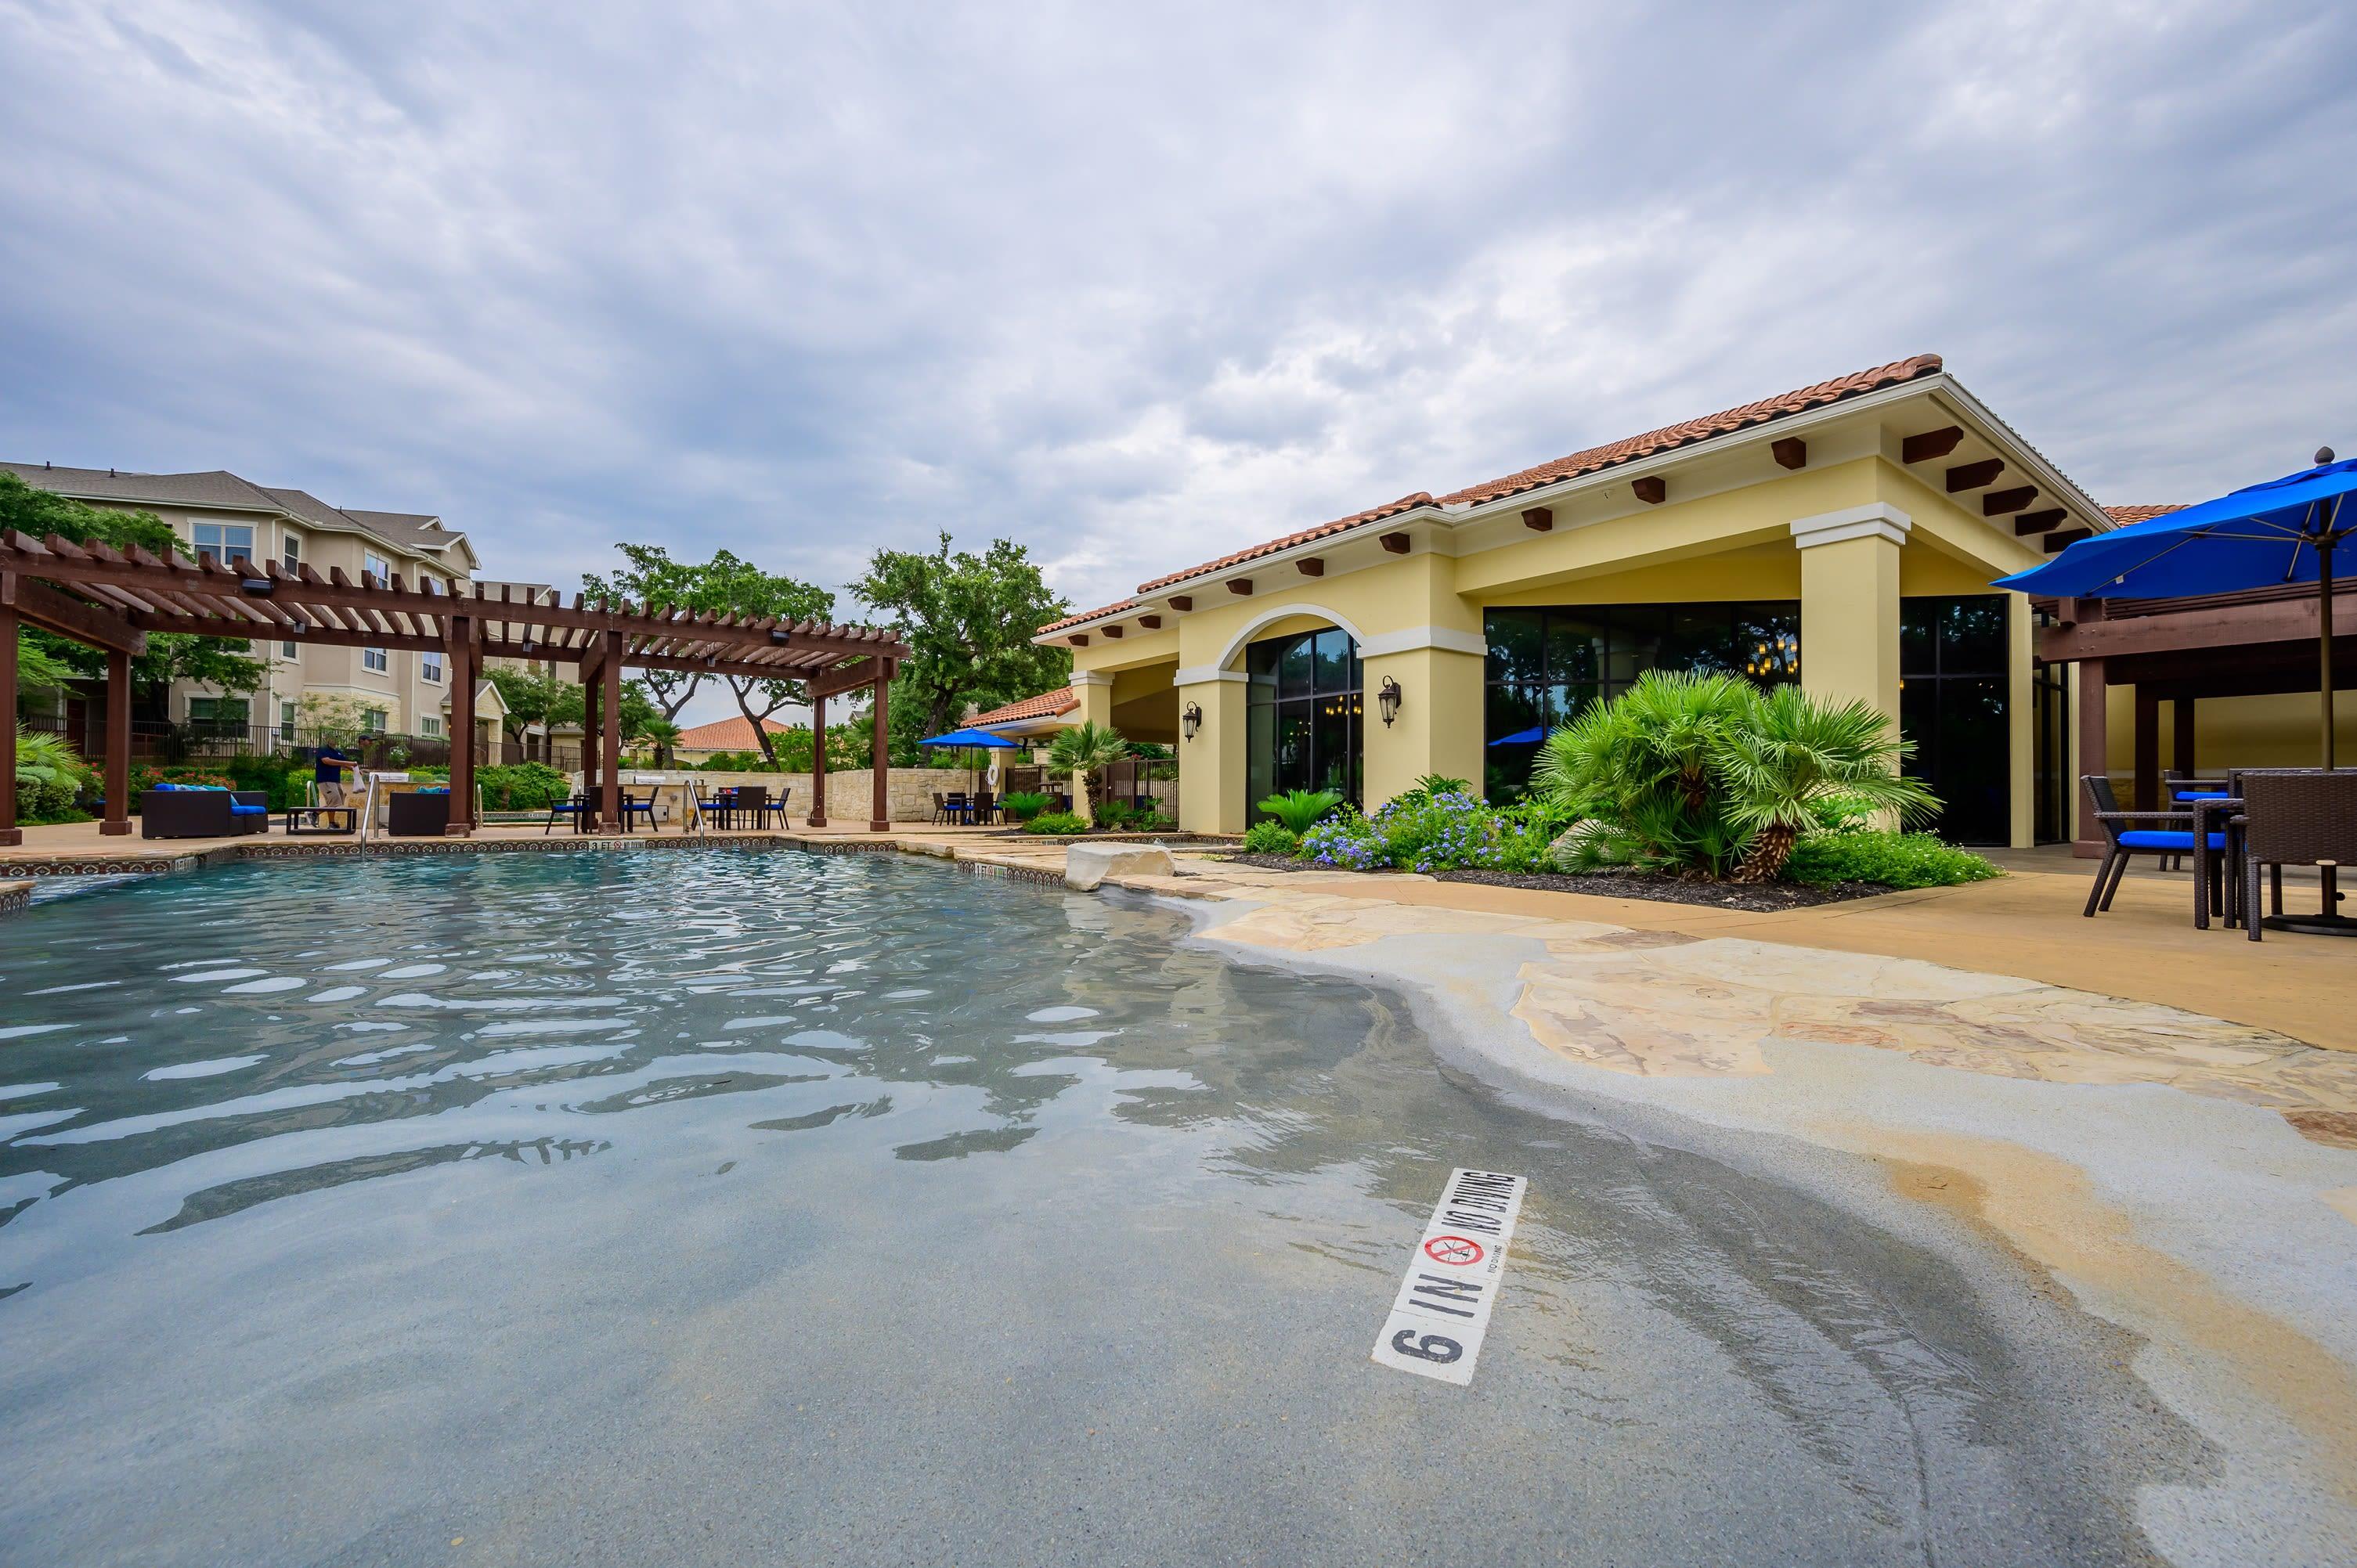 Swimming pool at Pecan Springs Apartments in San Antonio, Texas